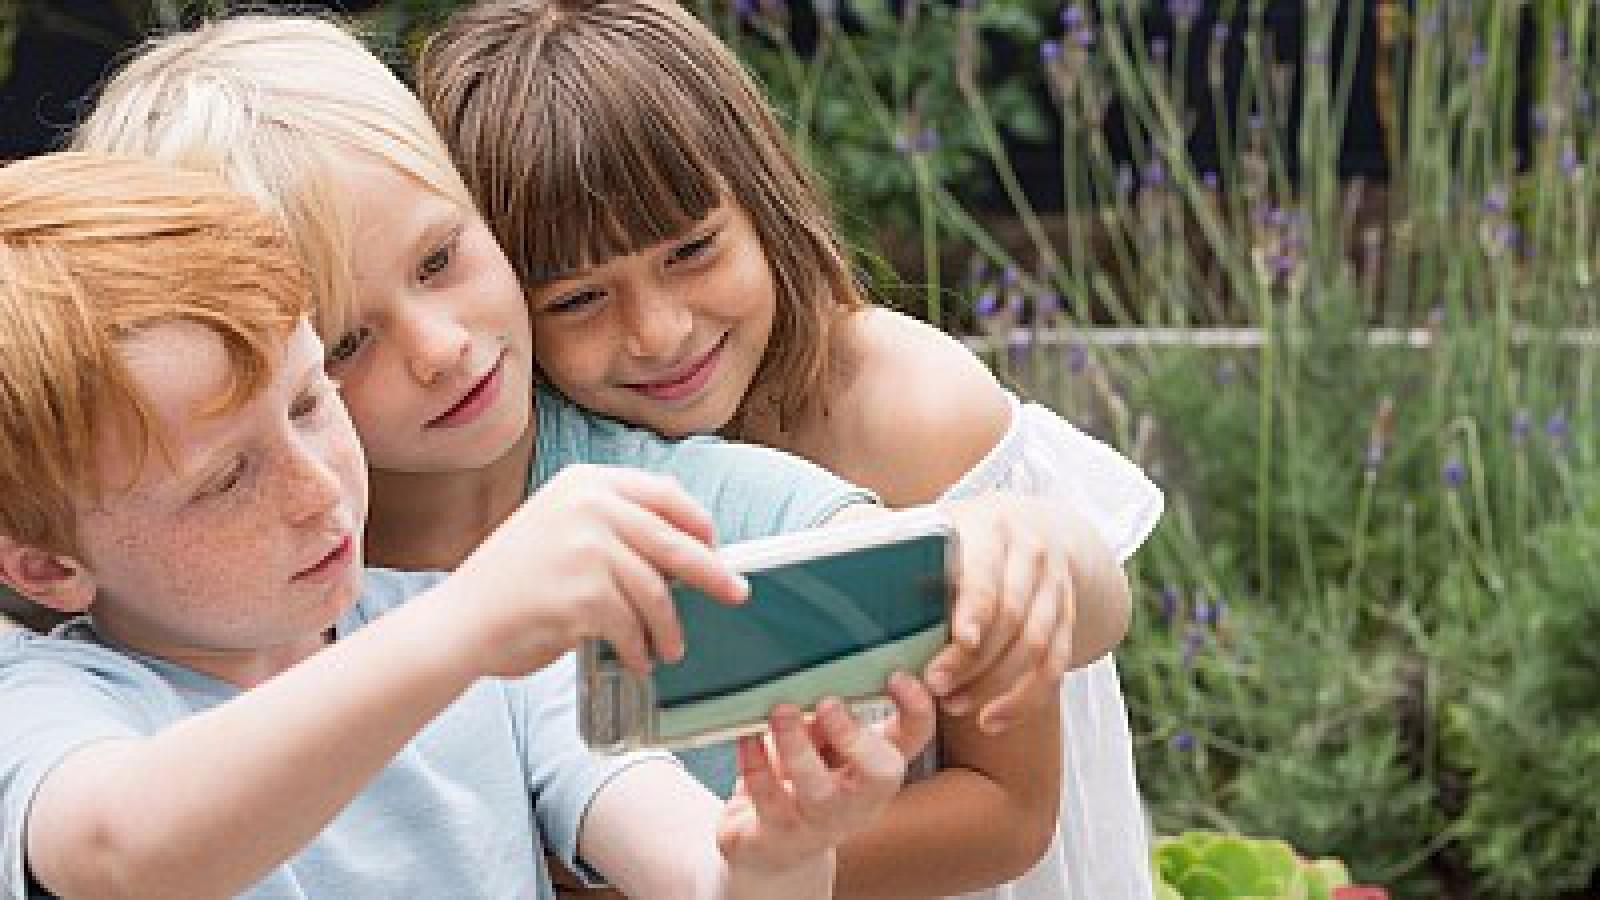 Messenger pentru copii. Facebook a lansat un nou tip de aplicație, destinată exclusiv celor mici